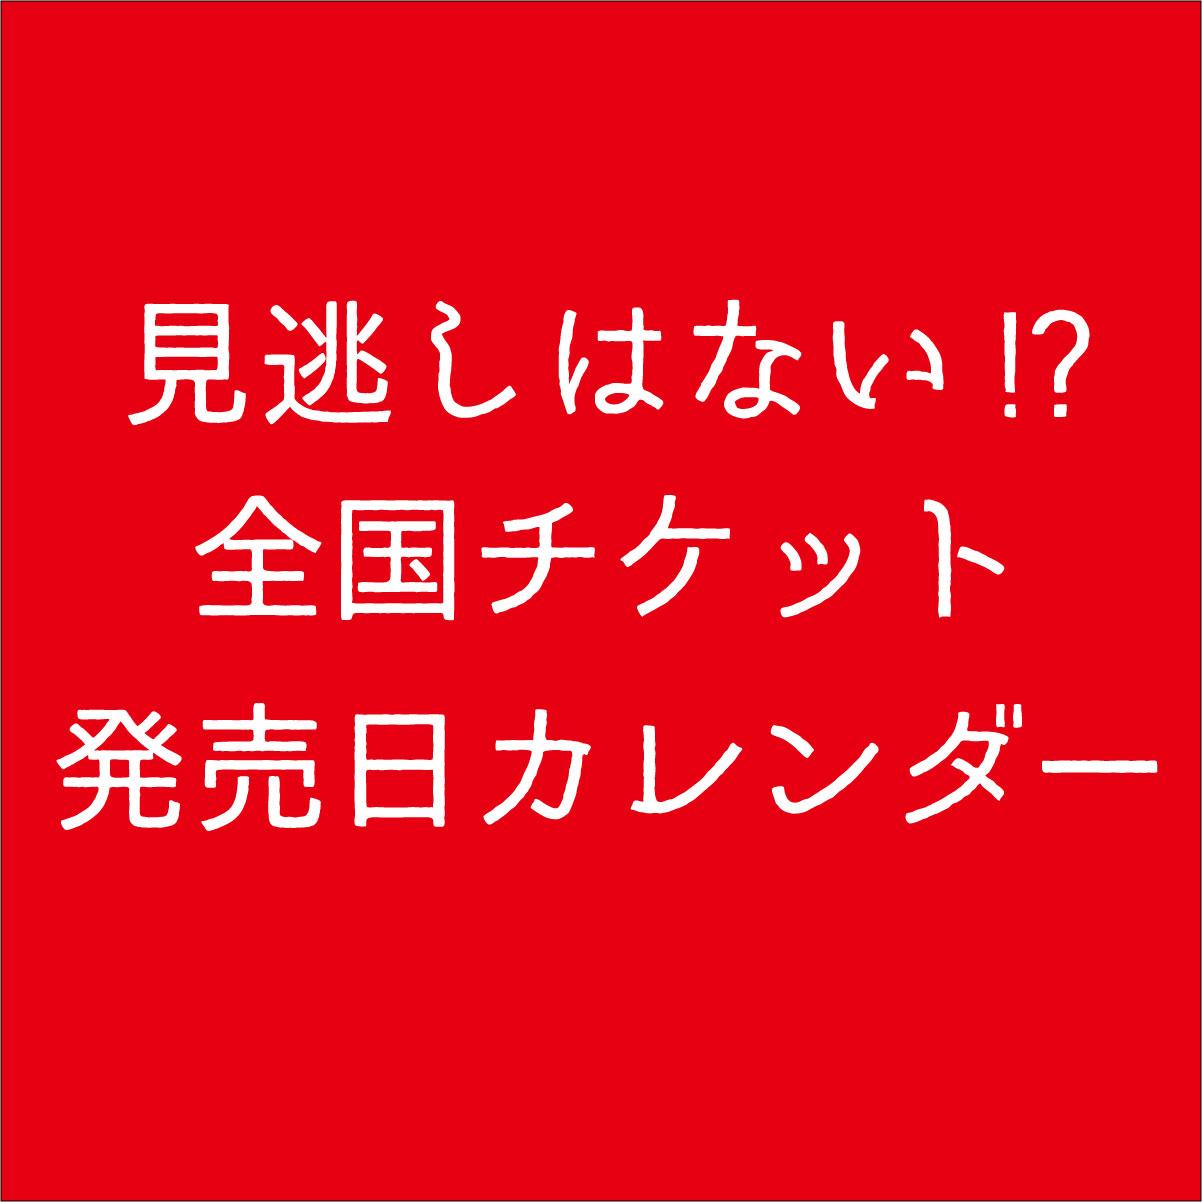 http://artconsultant.yokohama/ticketsopencalender/